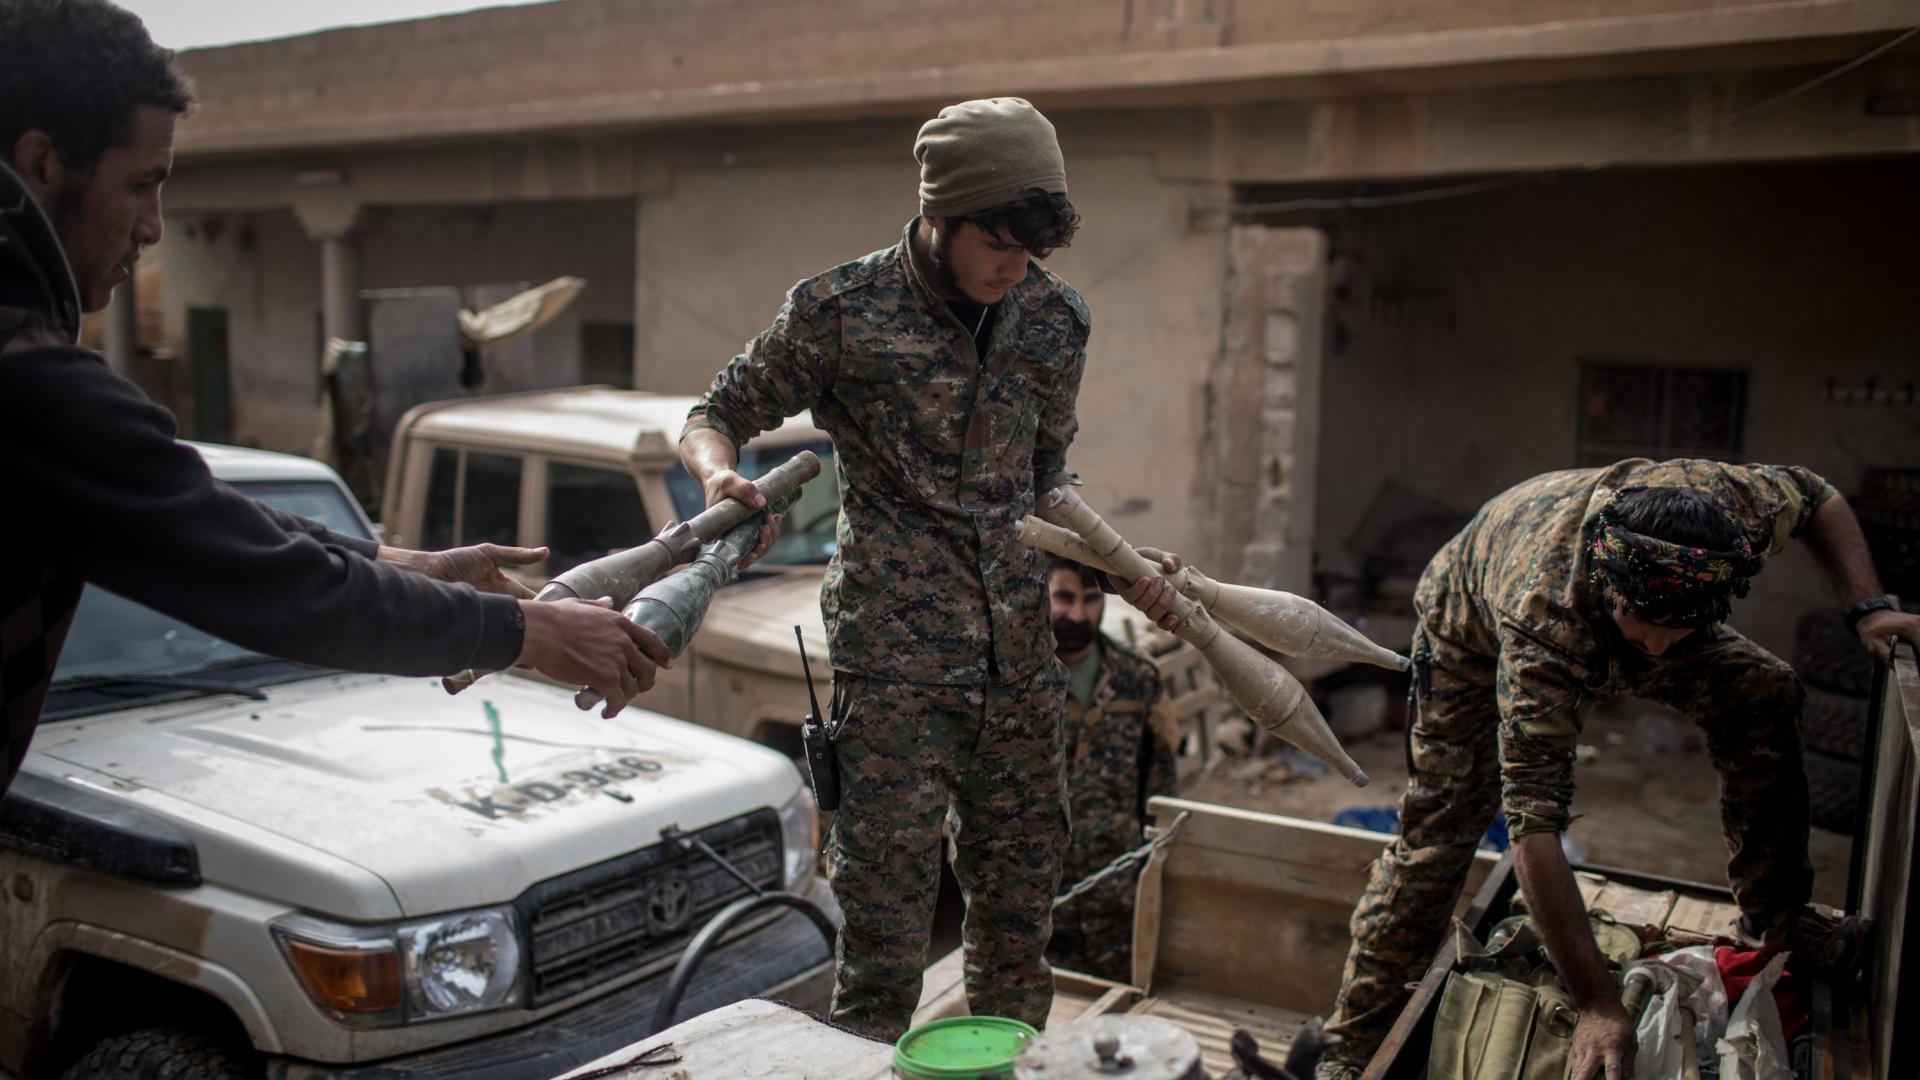 ترامب لم يعلن النهاية بعد.. استمرار المعركة ضد داعش بالباغوز الفوقاني